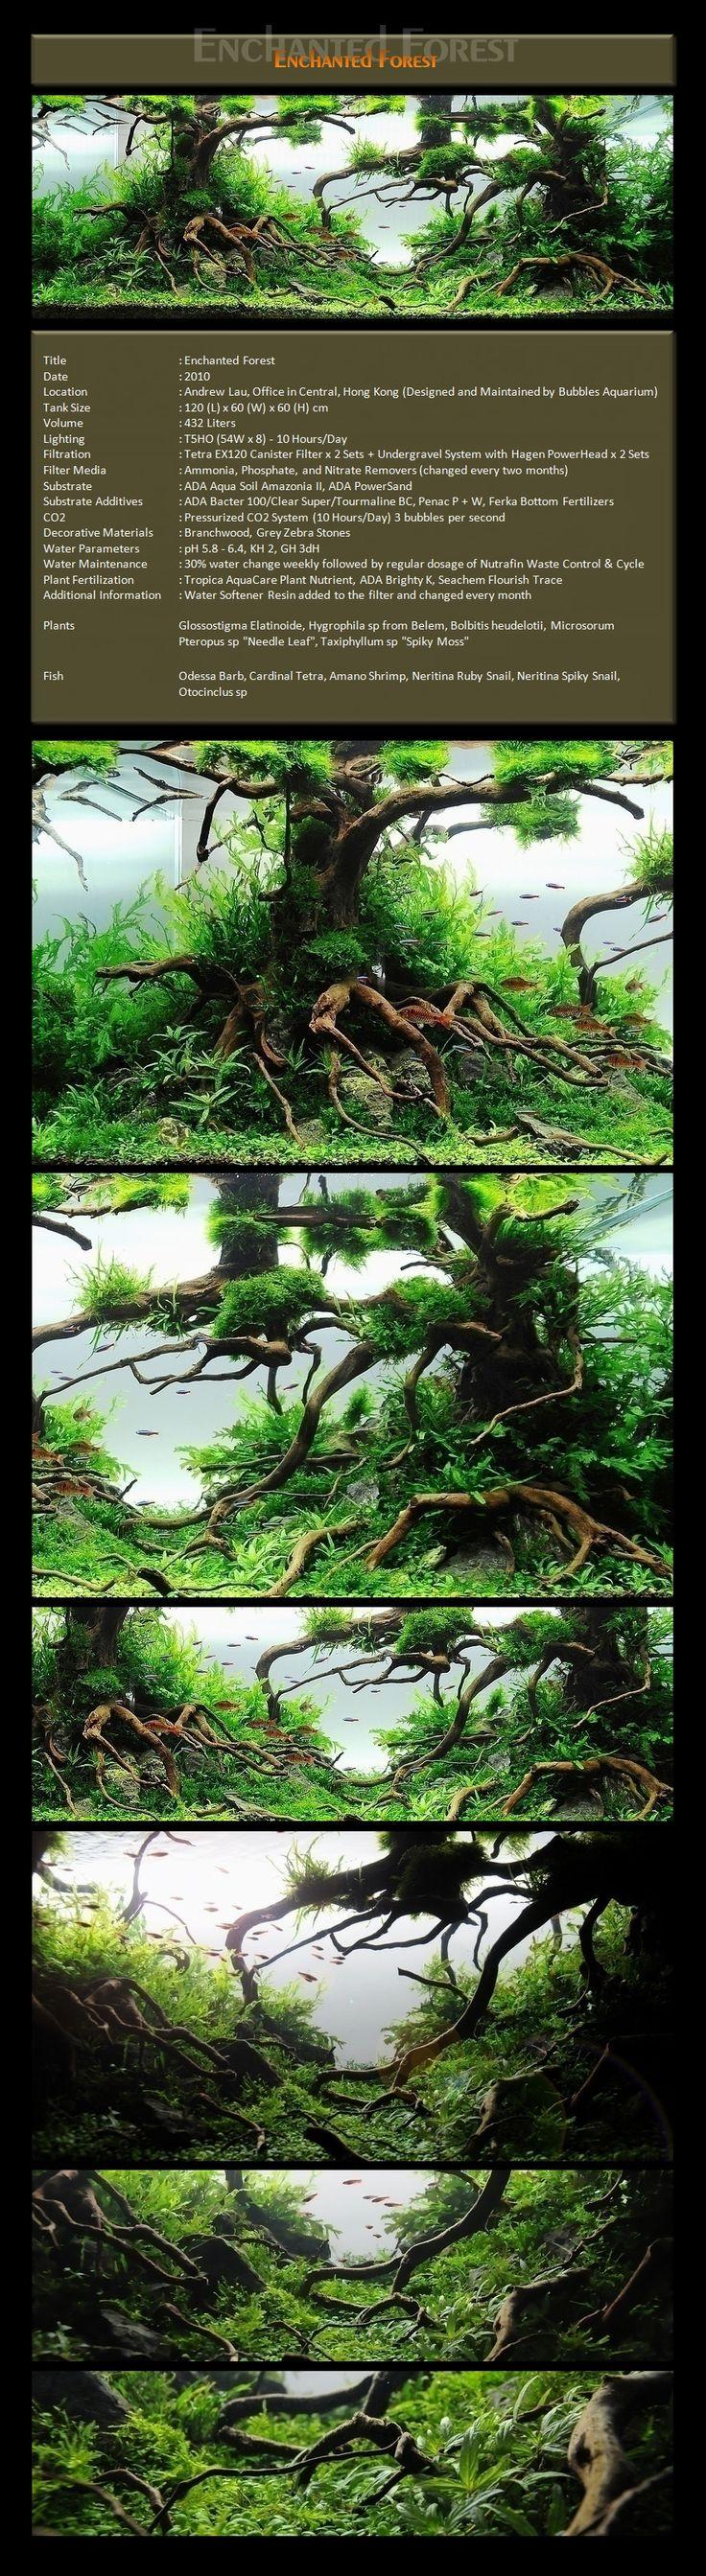 Bubbles Aquarium - Aquascapes (2009 Aquascaping Gallery) Enchanted Forest http://bubblesaquarium.com/Aquascape/Gallery2010/Gallery2010_2_Enchanted.htm